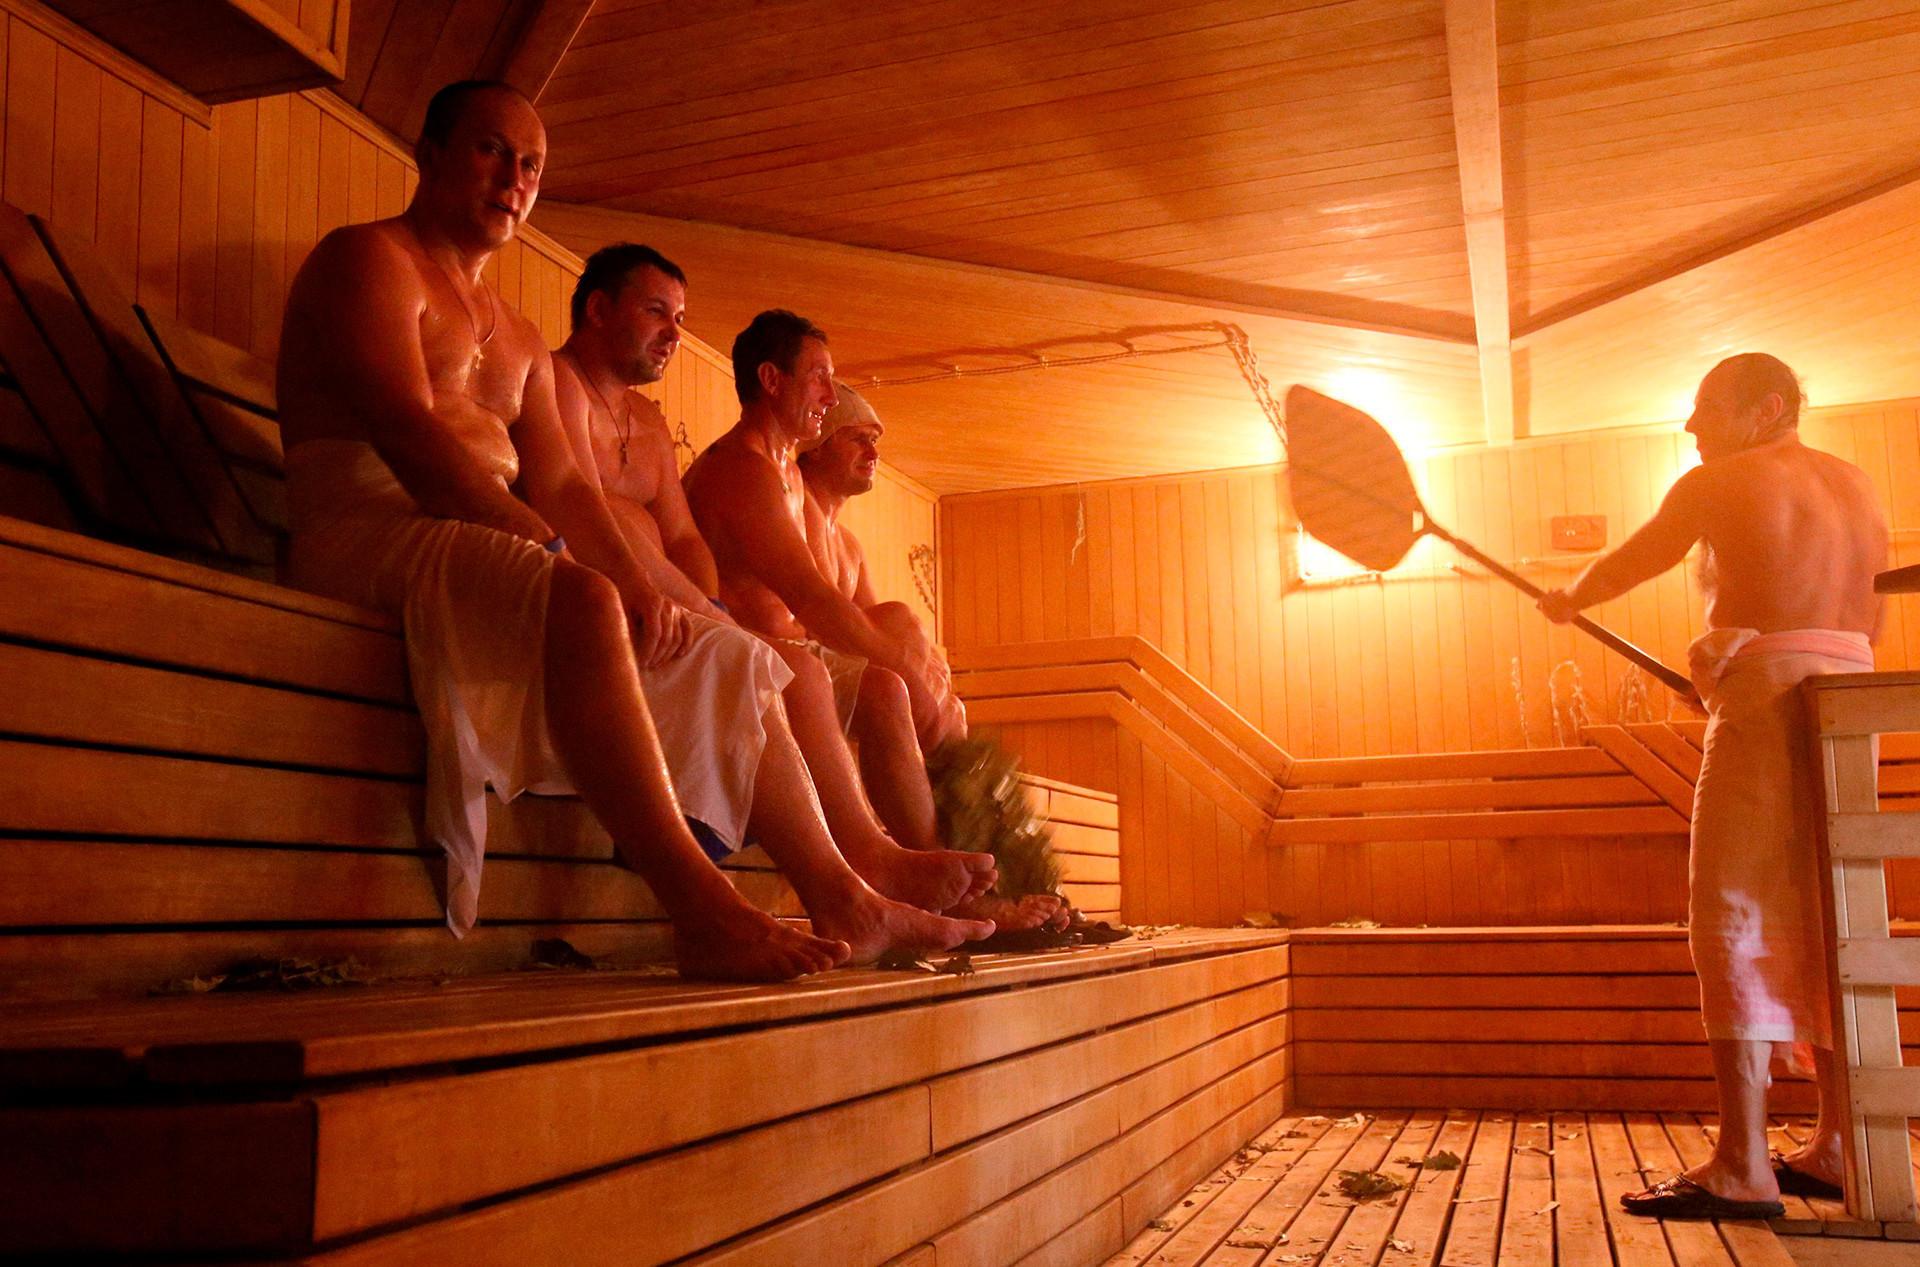 Rubljevskije bani, kompleks sauna u Moskvi